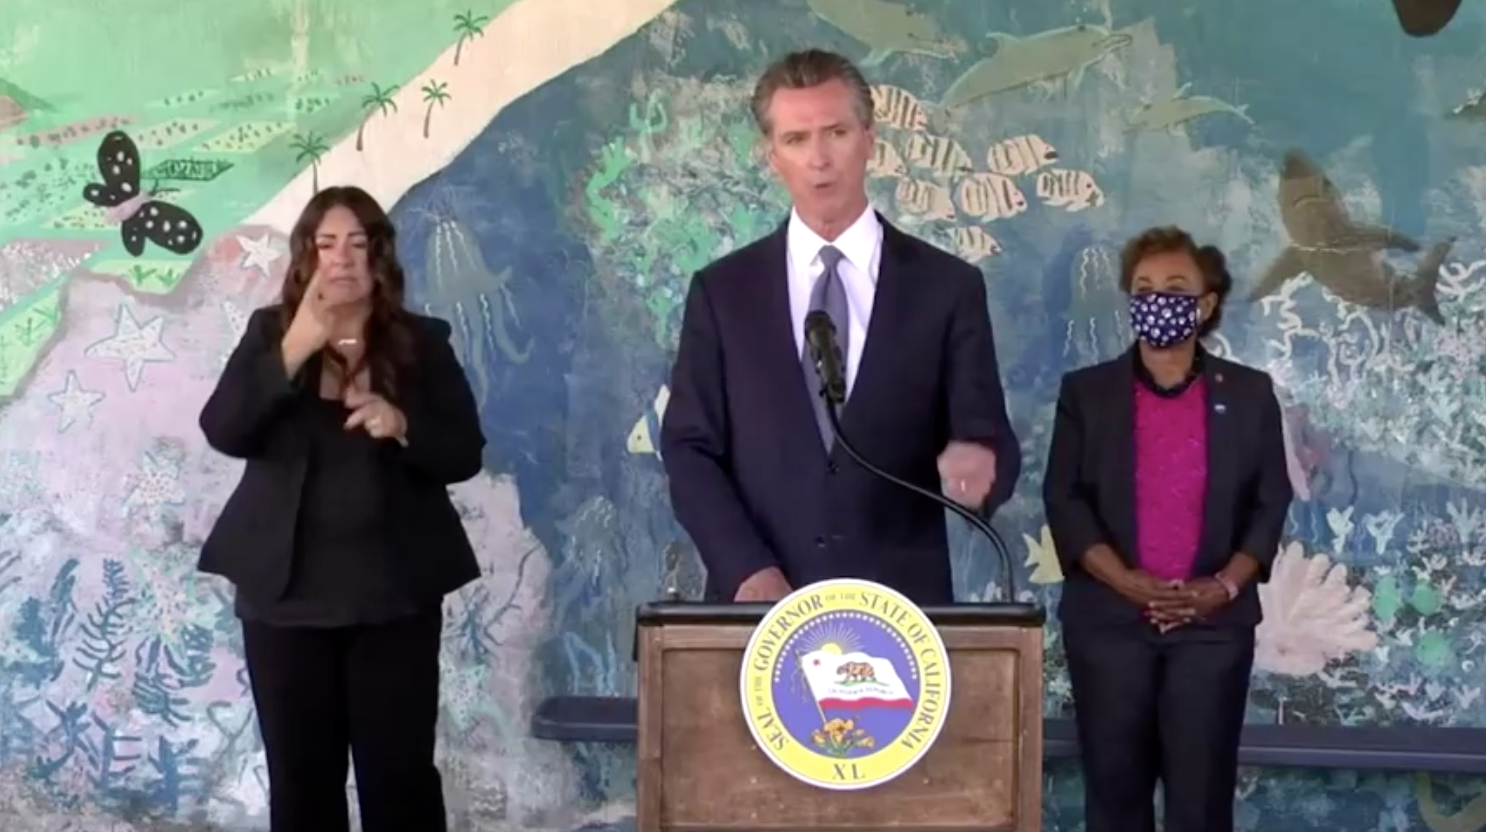 Thống Đốc Newsom, Larry Elder vận động cử tri ở Nam California trước cuộc bầu cử bãi nhiệm